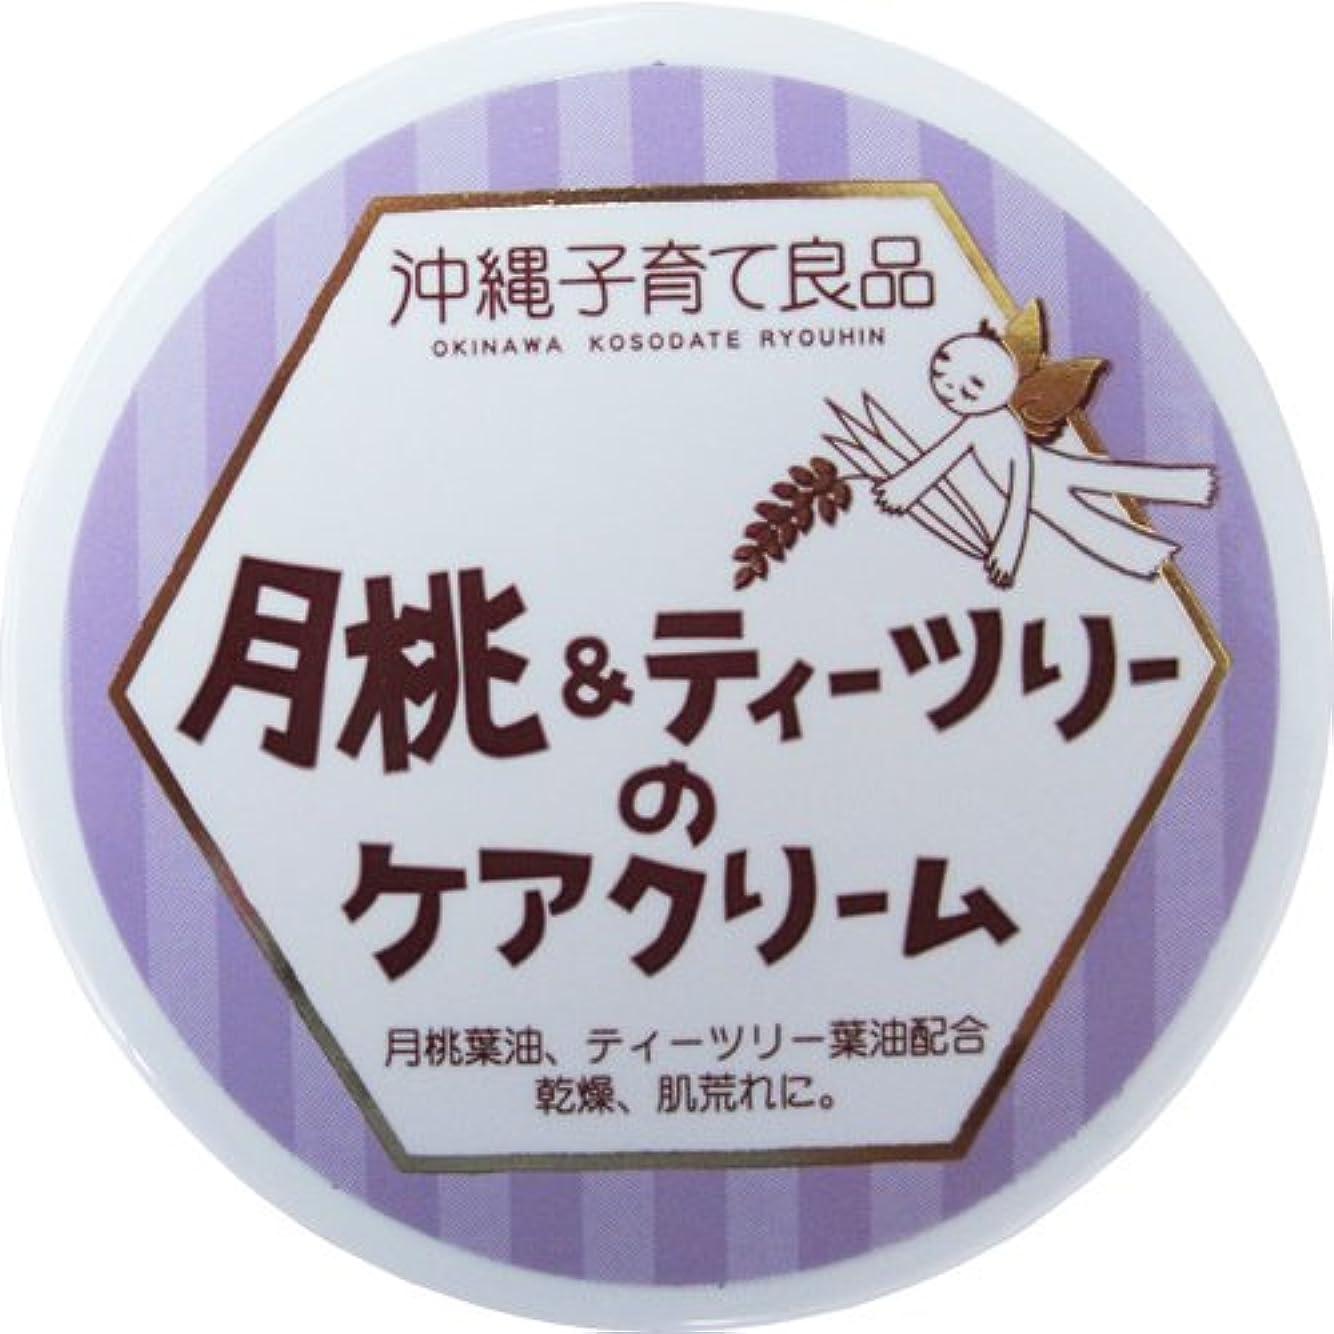 モンク運営過言沖縄子育て良品 月桃&ティツリーのケアクリーム (25g)